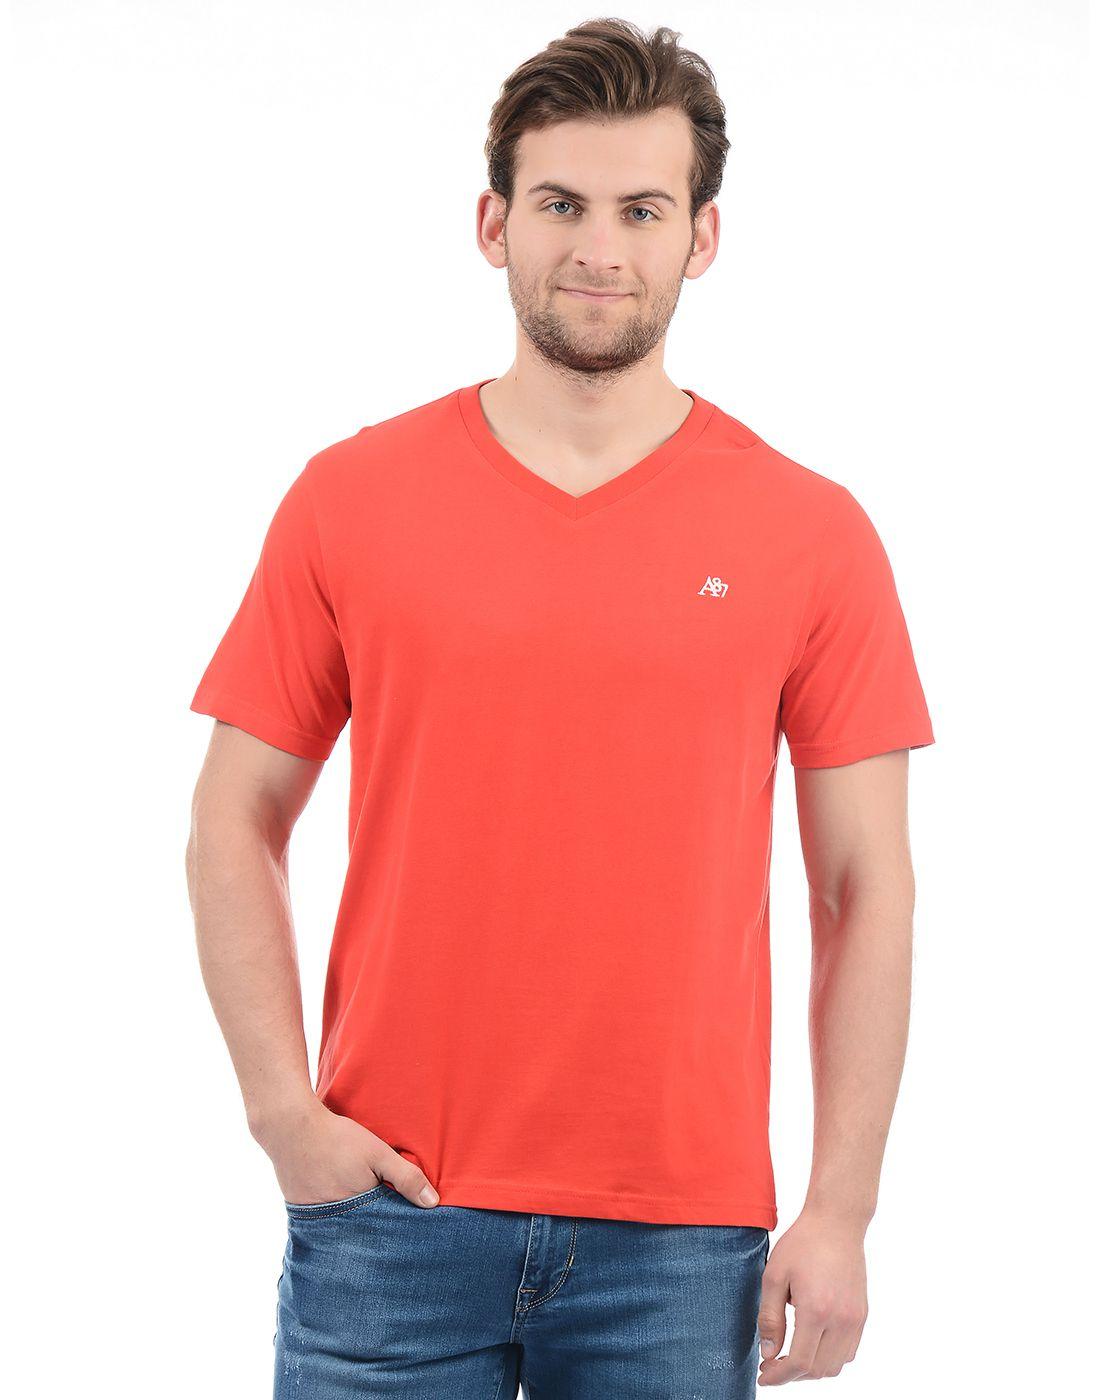 Aeropostale Red V-Neck T-Shirt